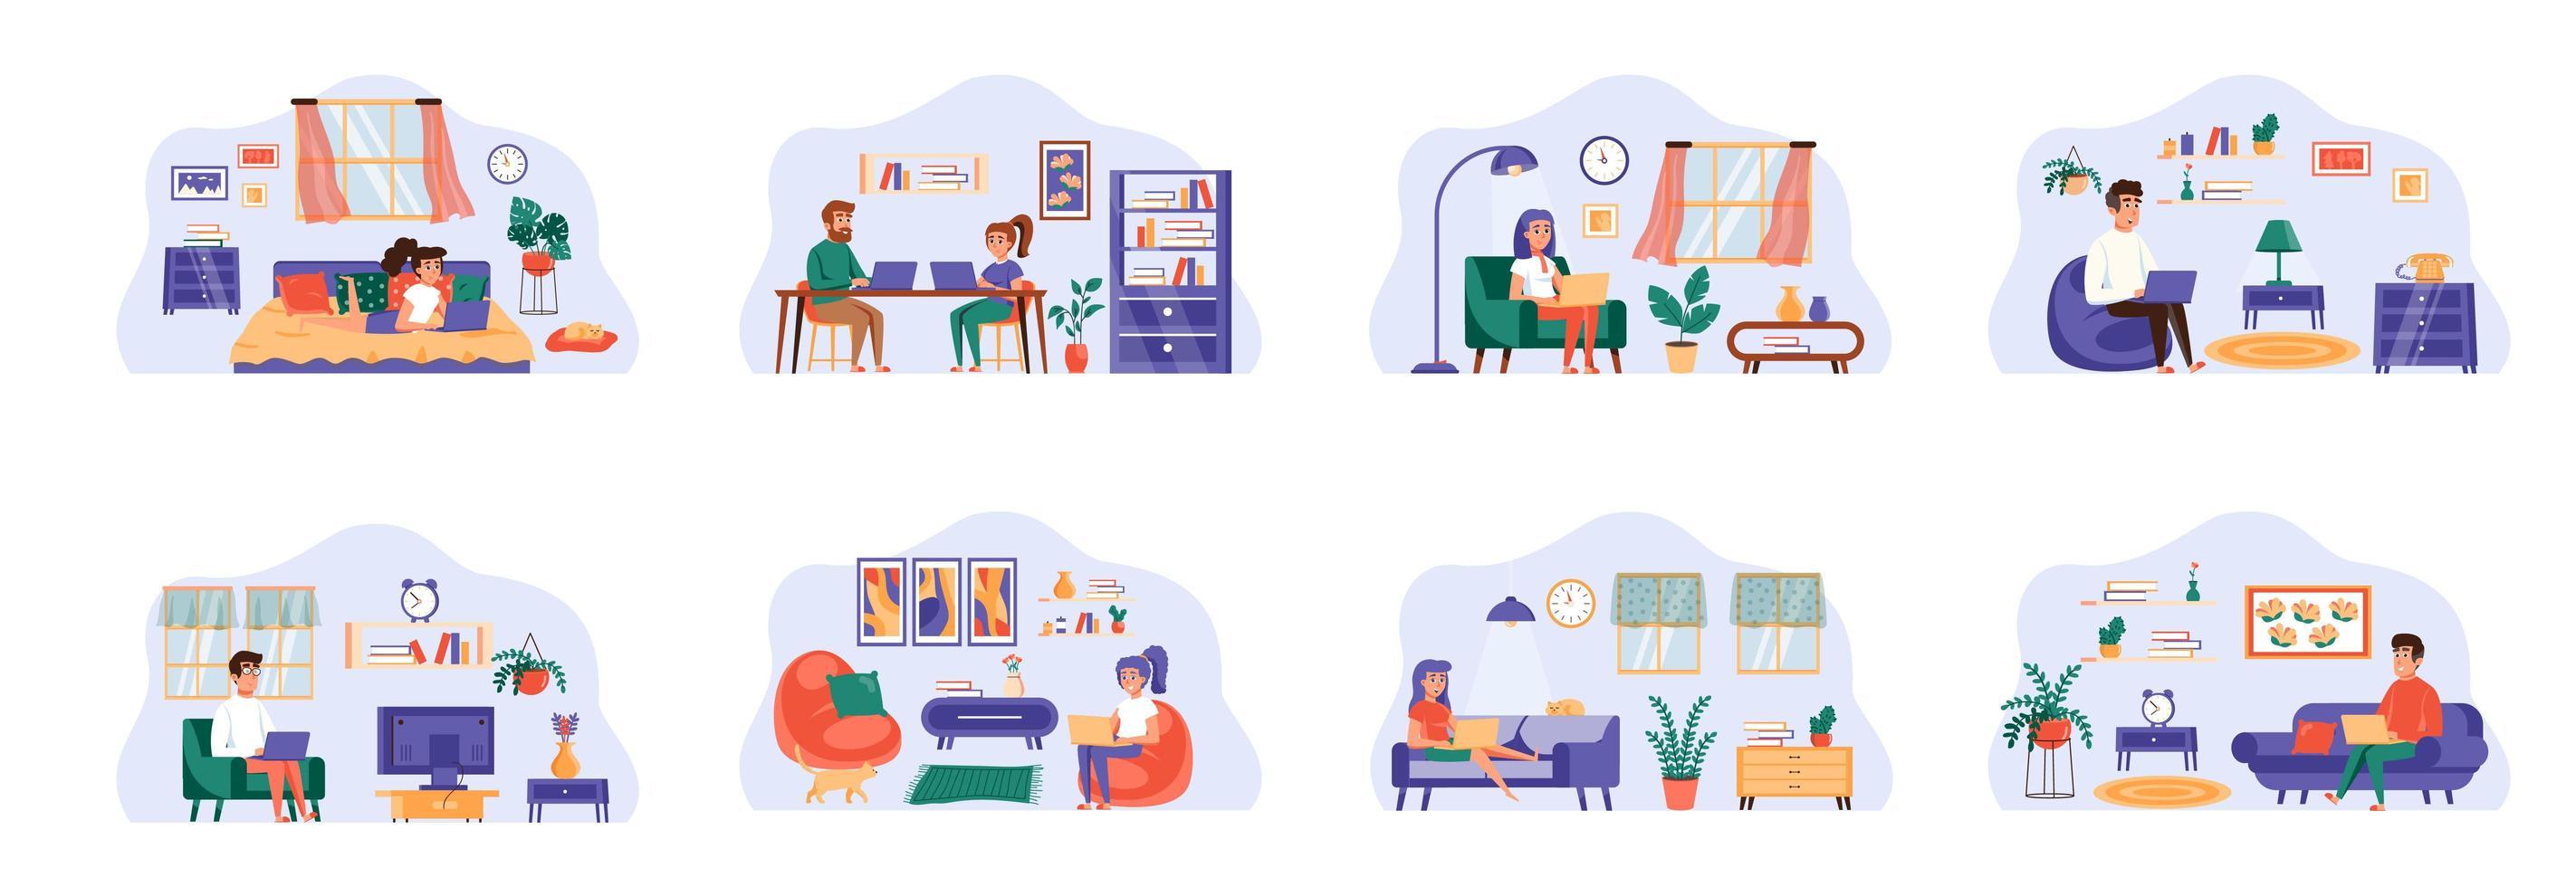 freelance bundel scènes met karakters van platte mensen. vector